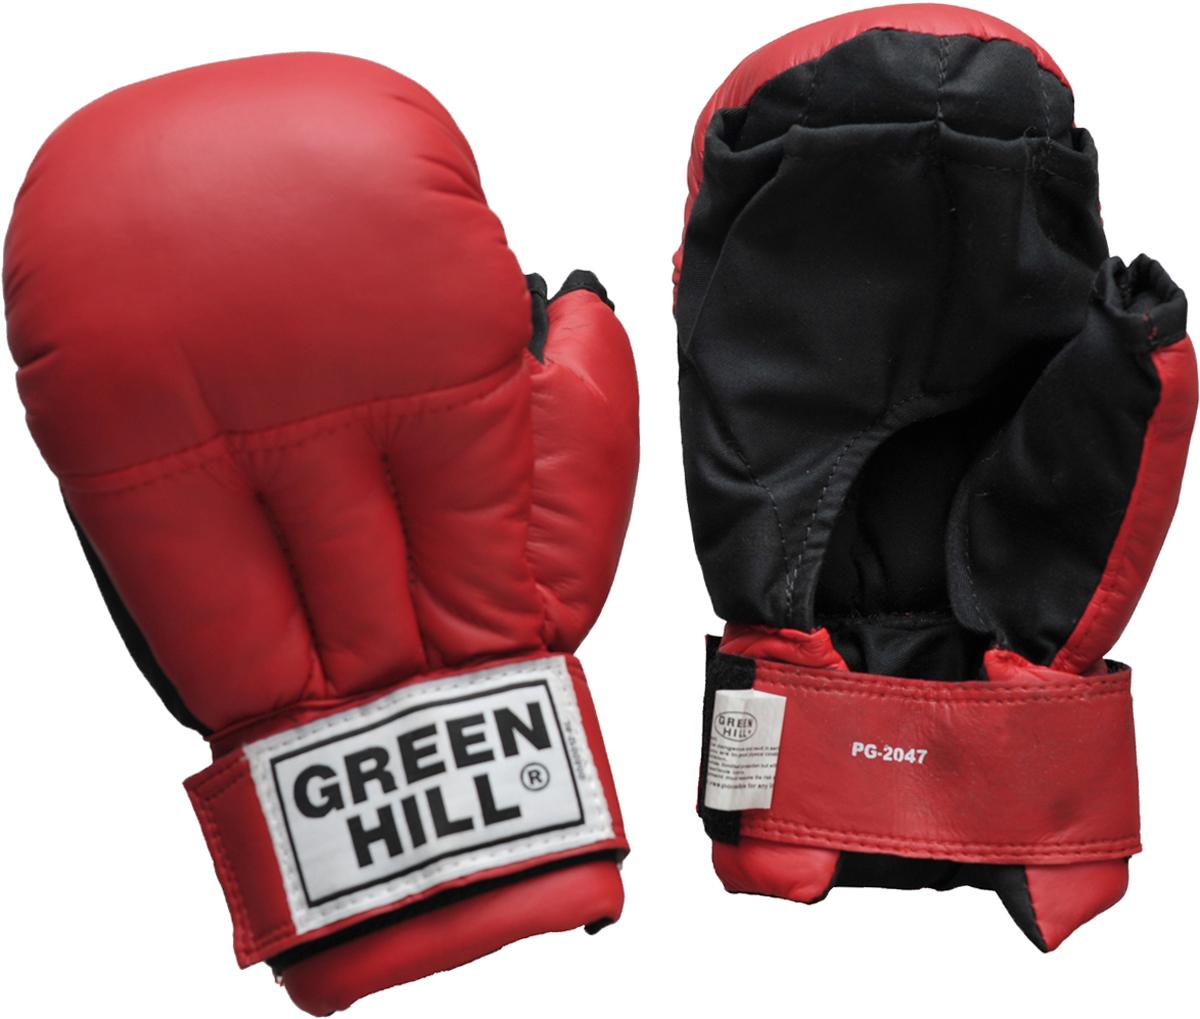 Перчатки для рукопашного боя Green Hill, цвет: красный. Размер MPG-2047Перчатки для рукопашного боя. Сделаны из высококачественного кожзама, манжеты на «липучке».